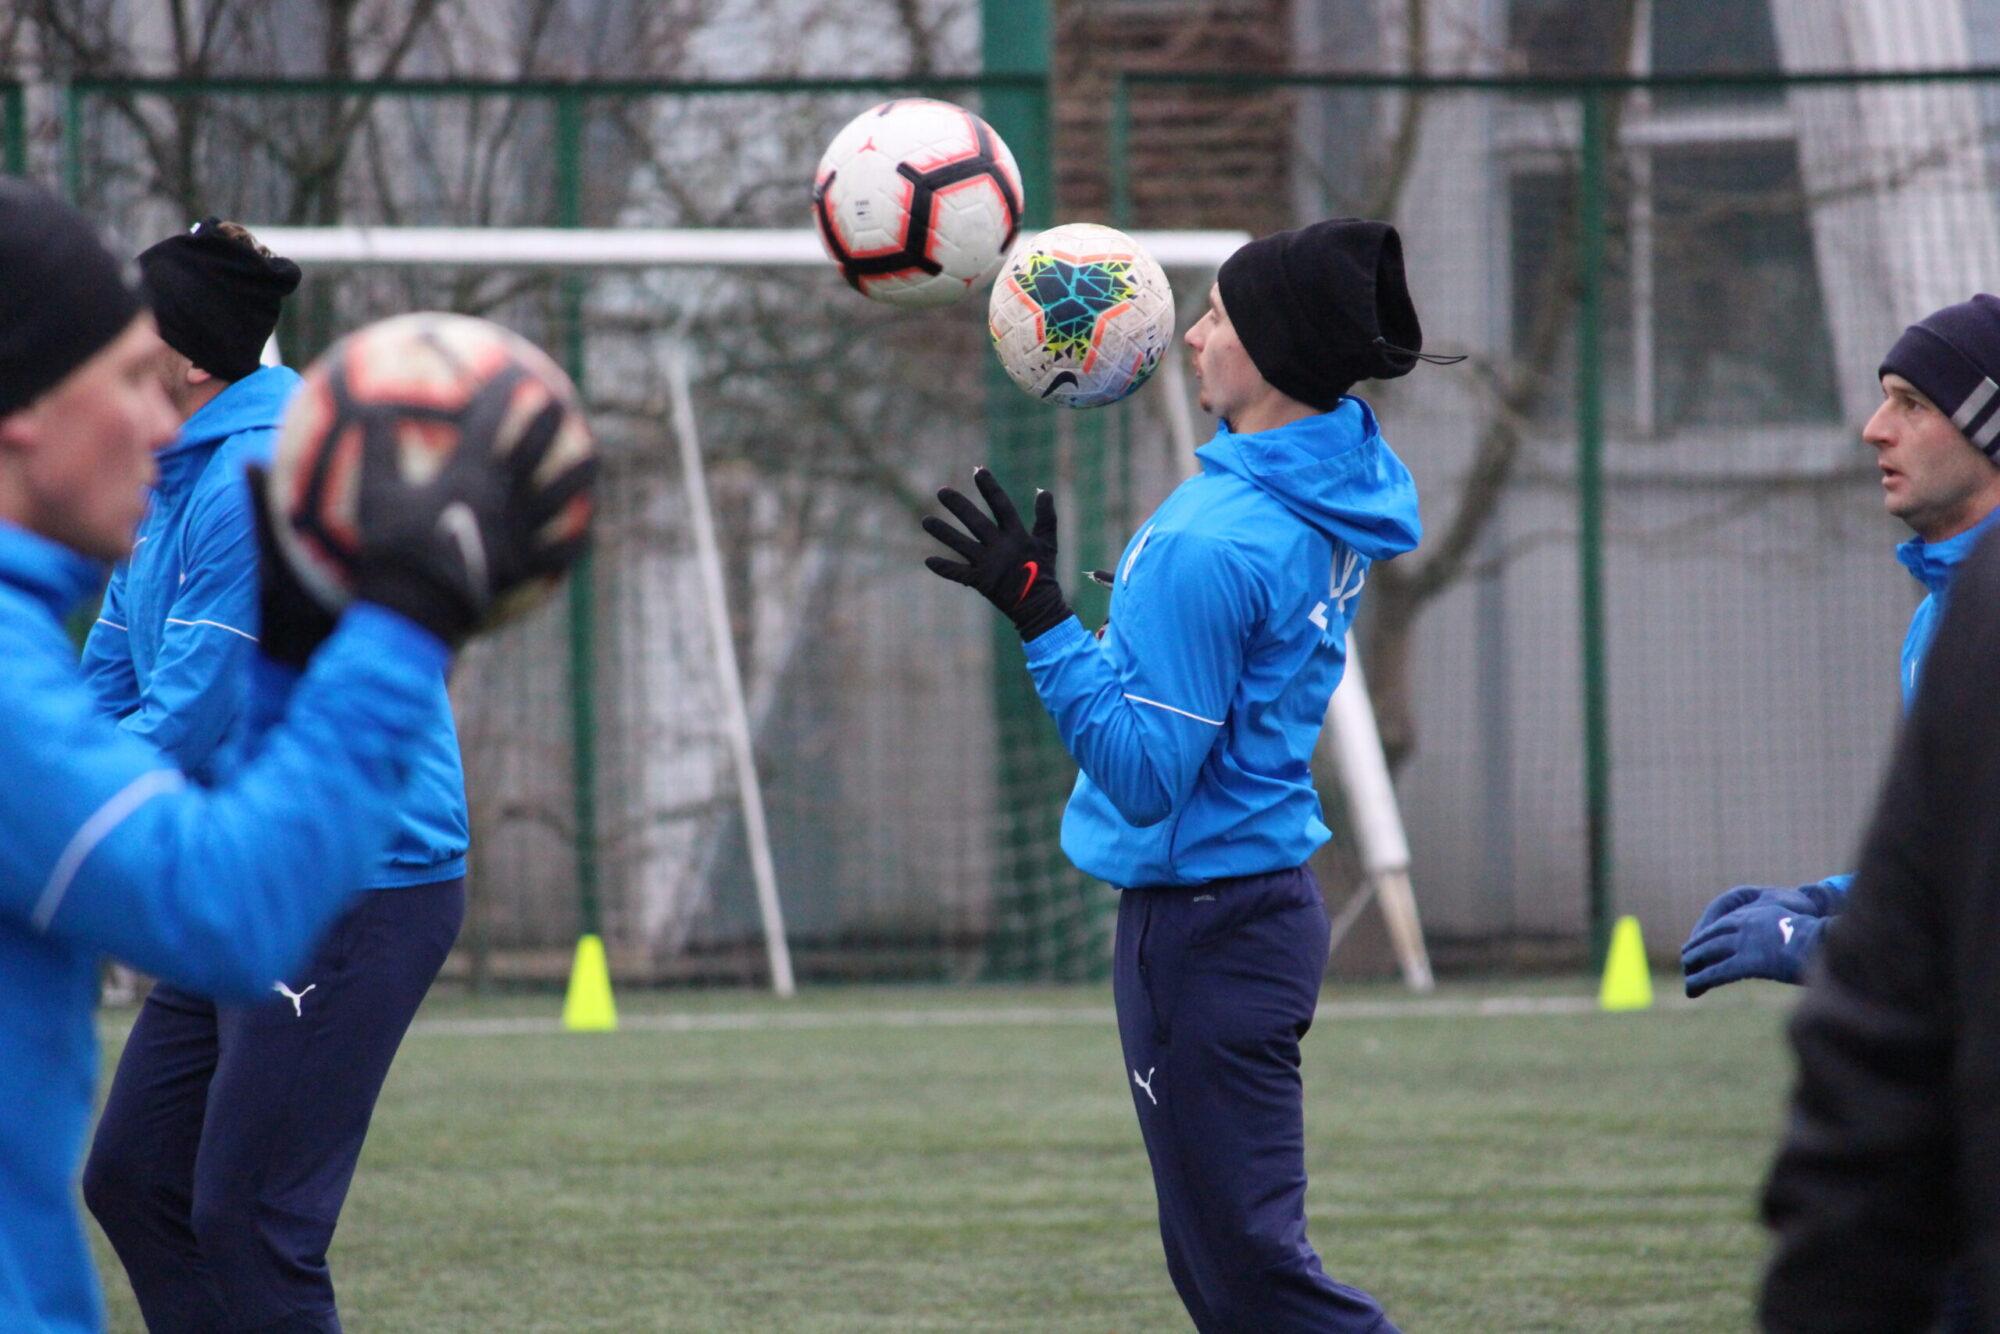 Тренування з м'ячами на ФОКу (ФОТО)